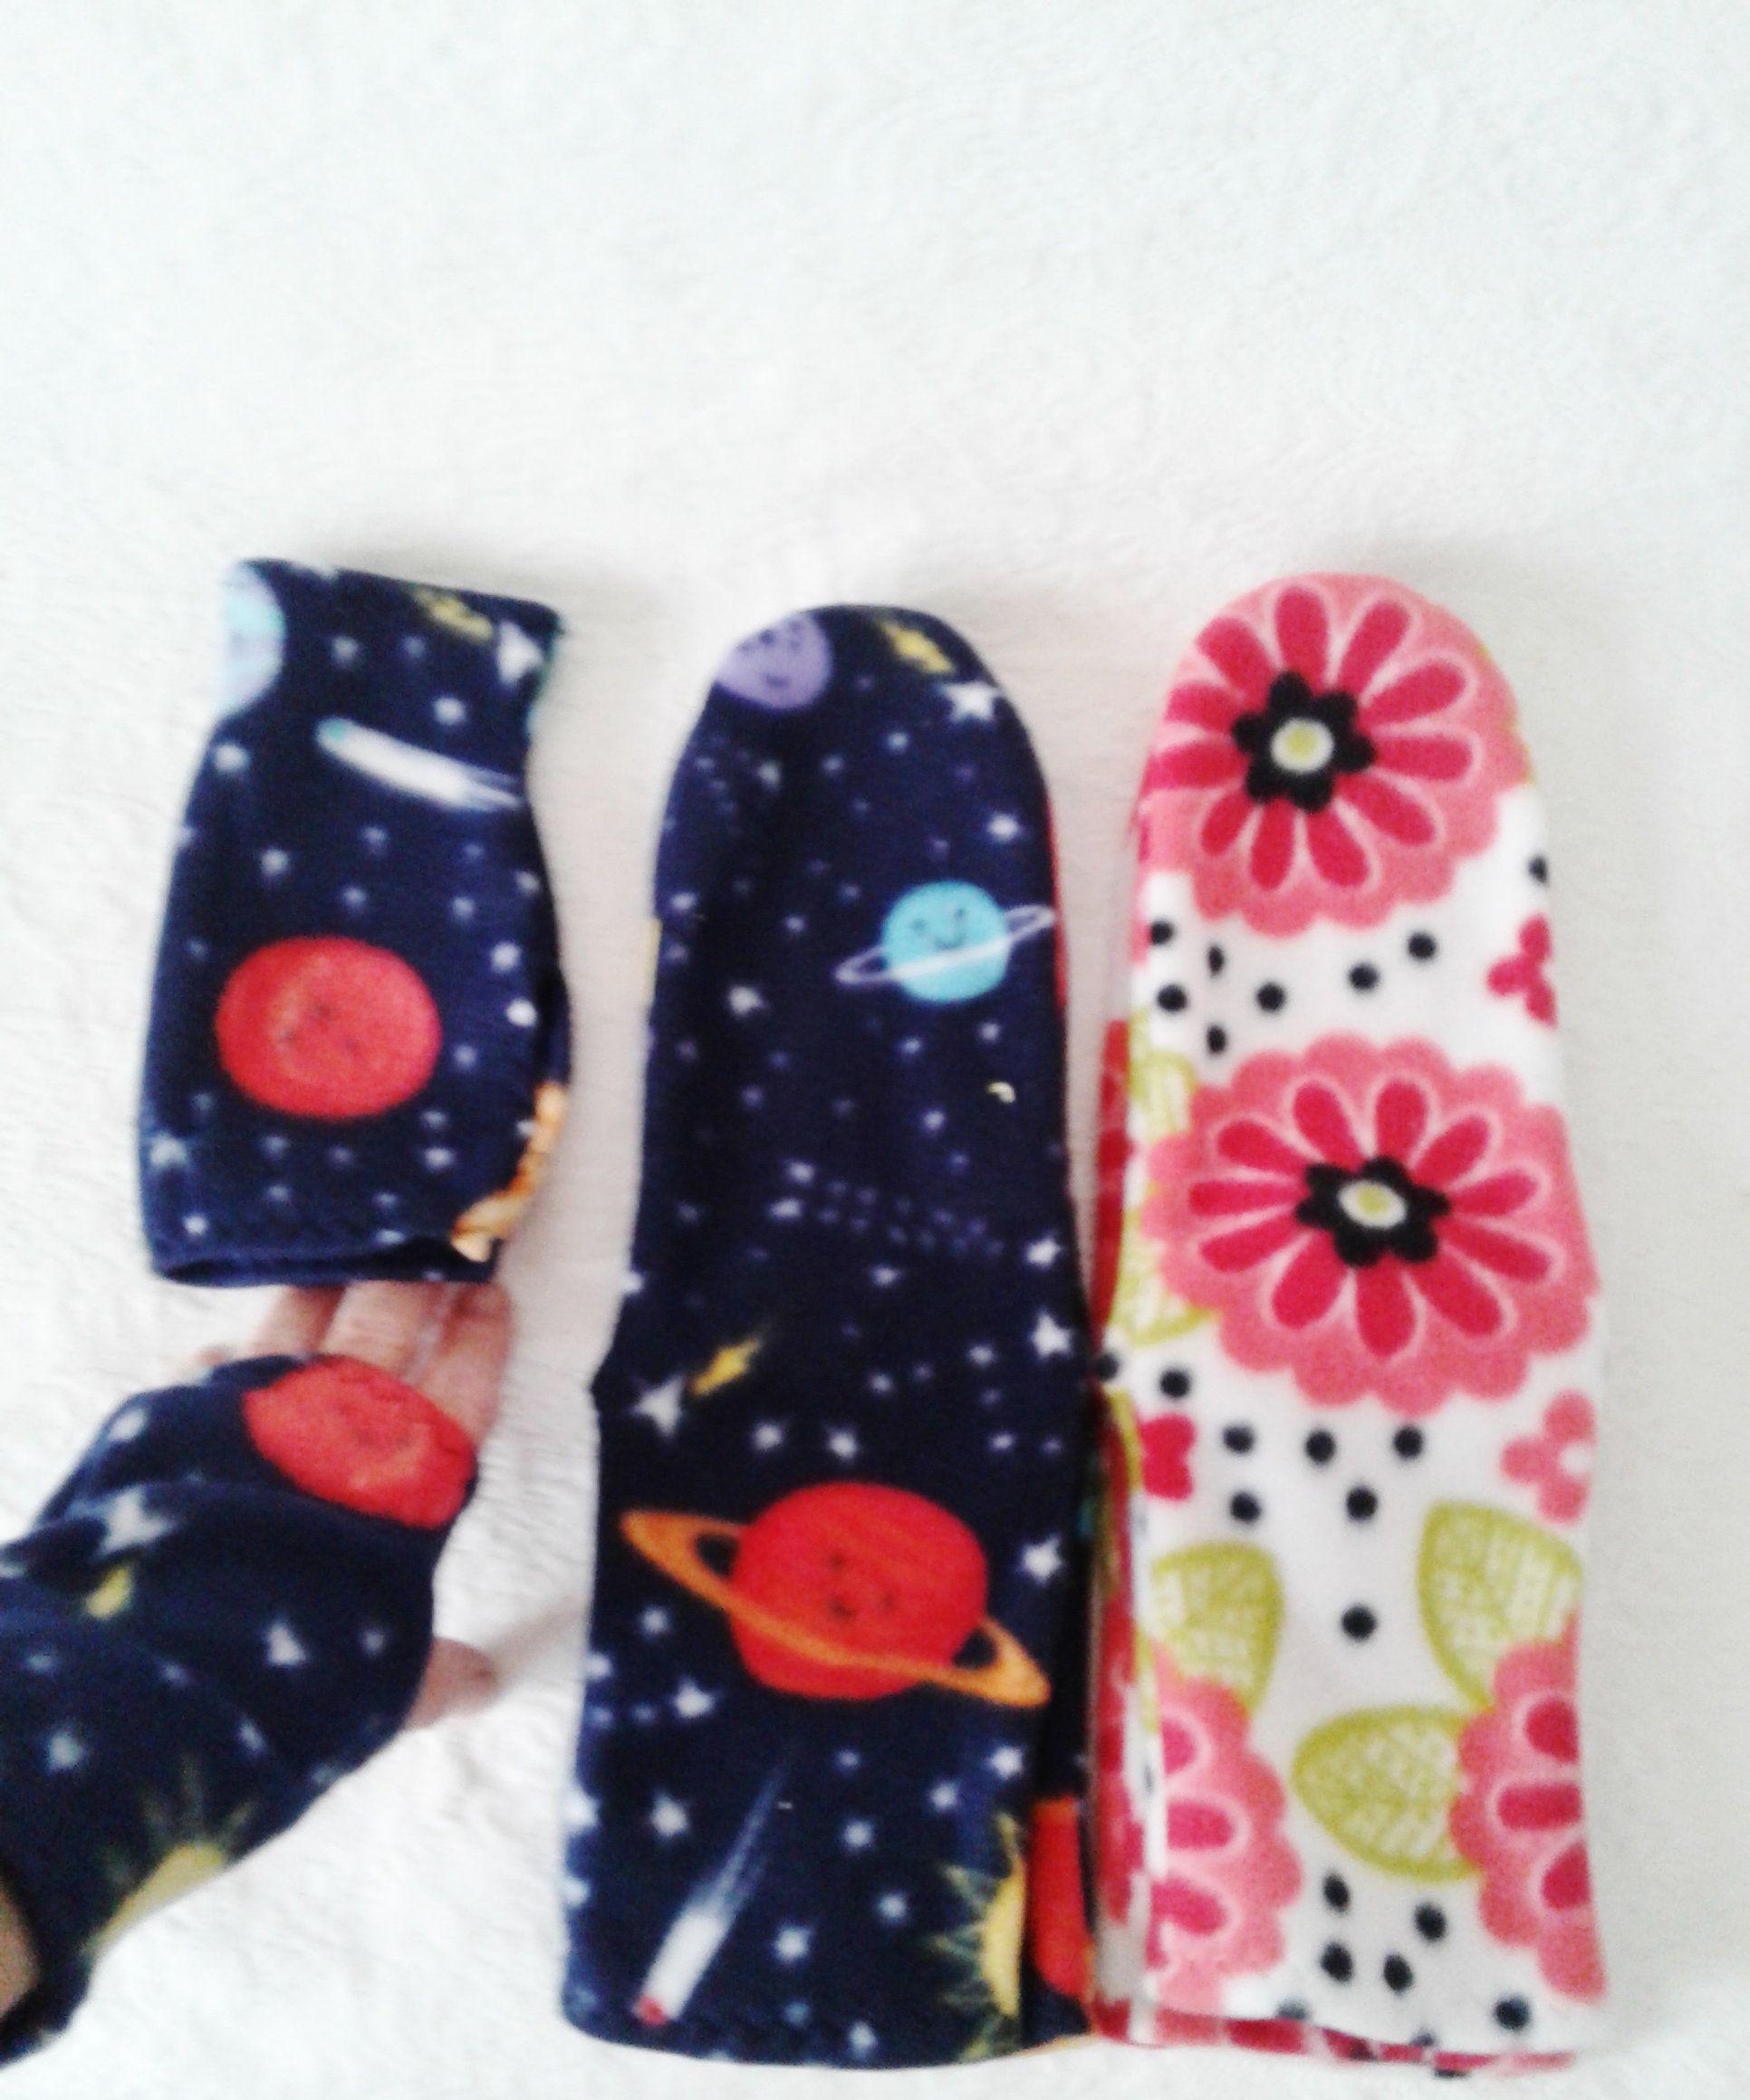 women/'s casual foot wear for warm happy feet all year round Warm fleece socks